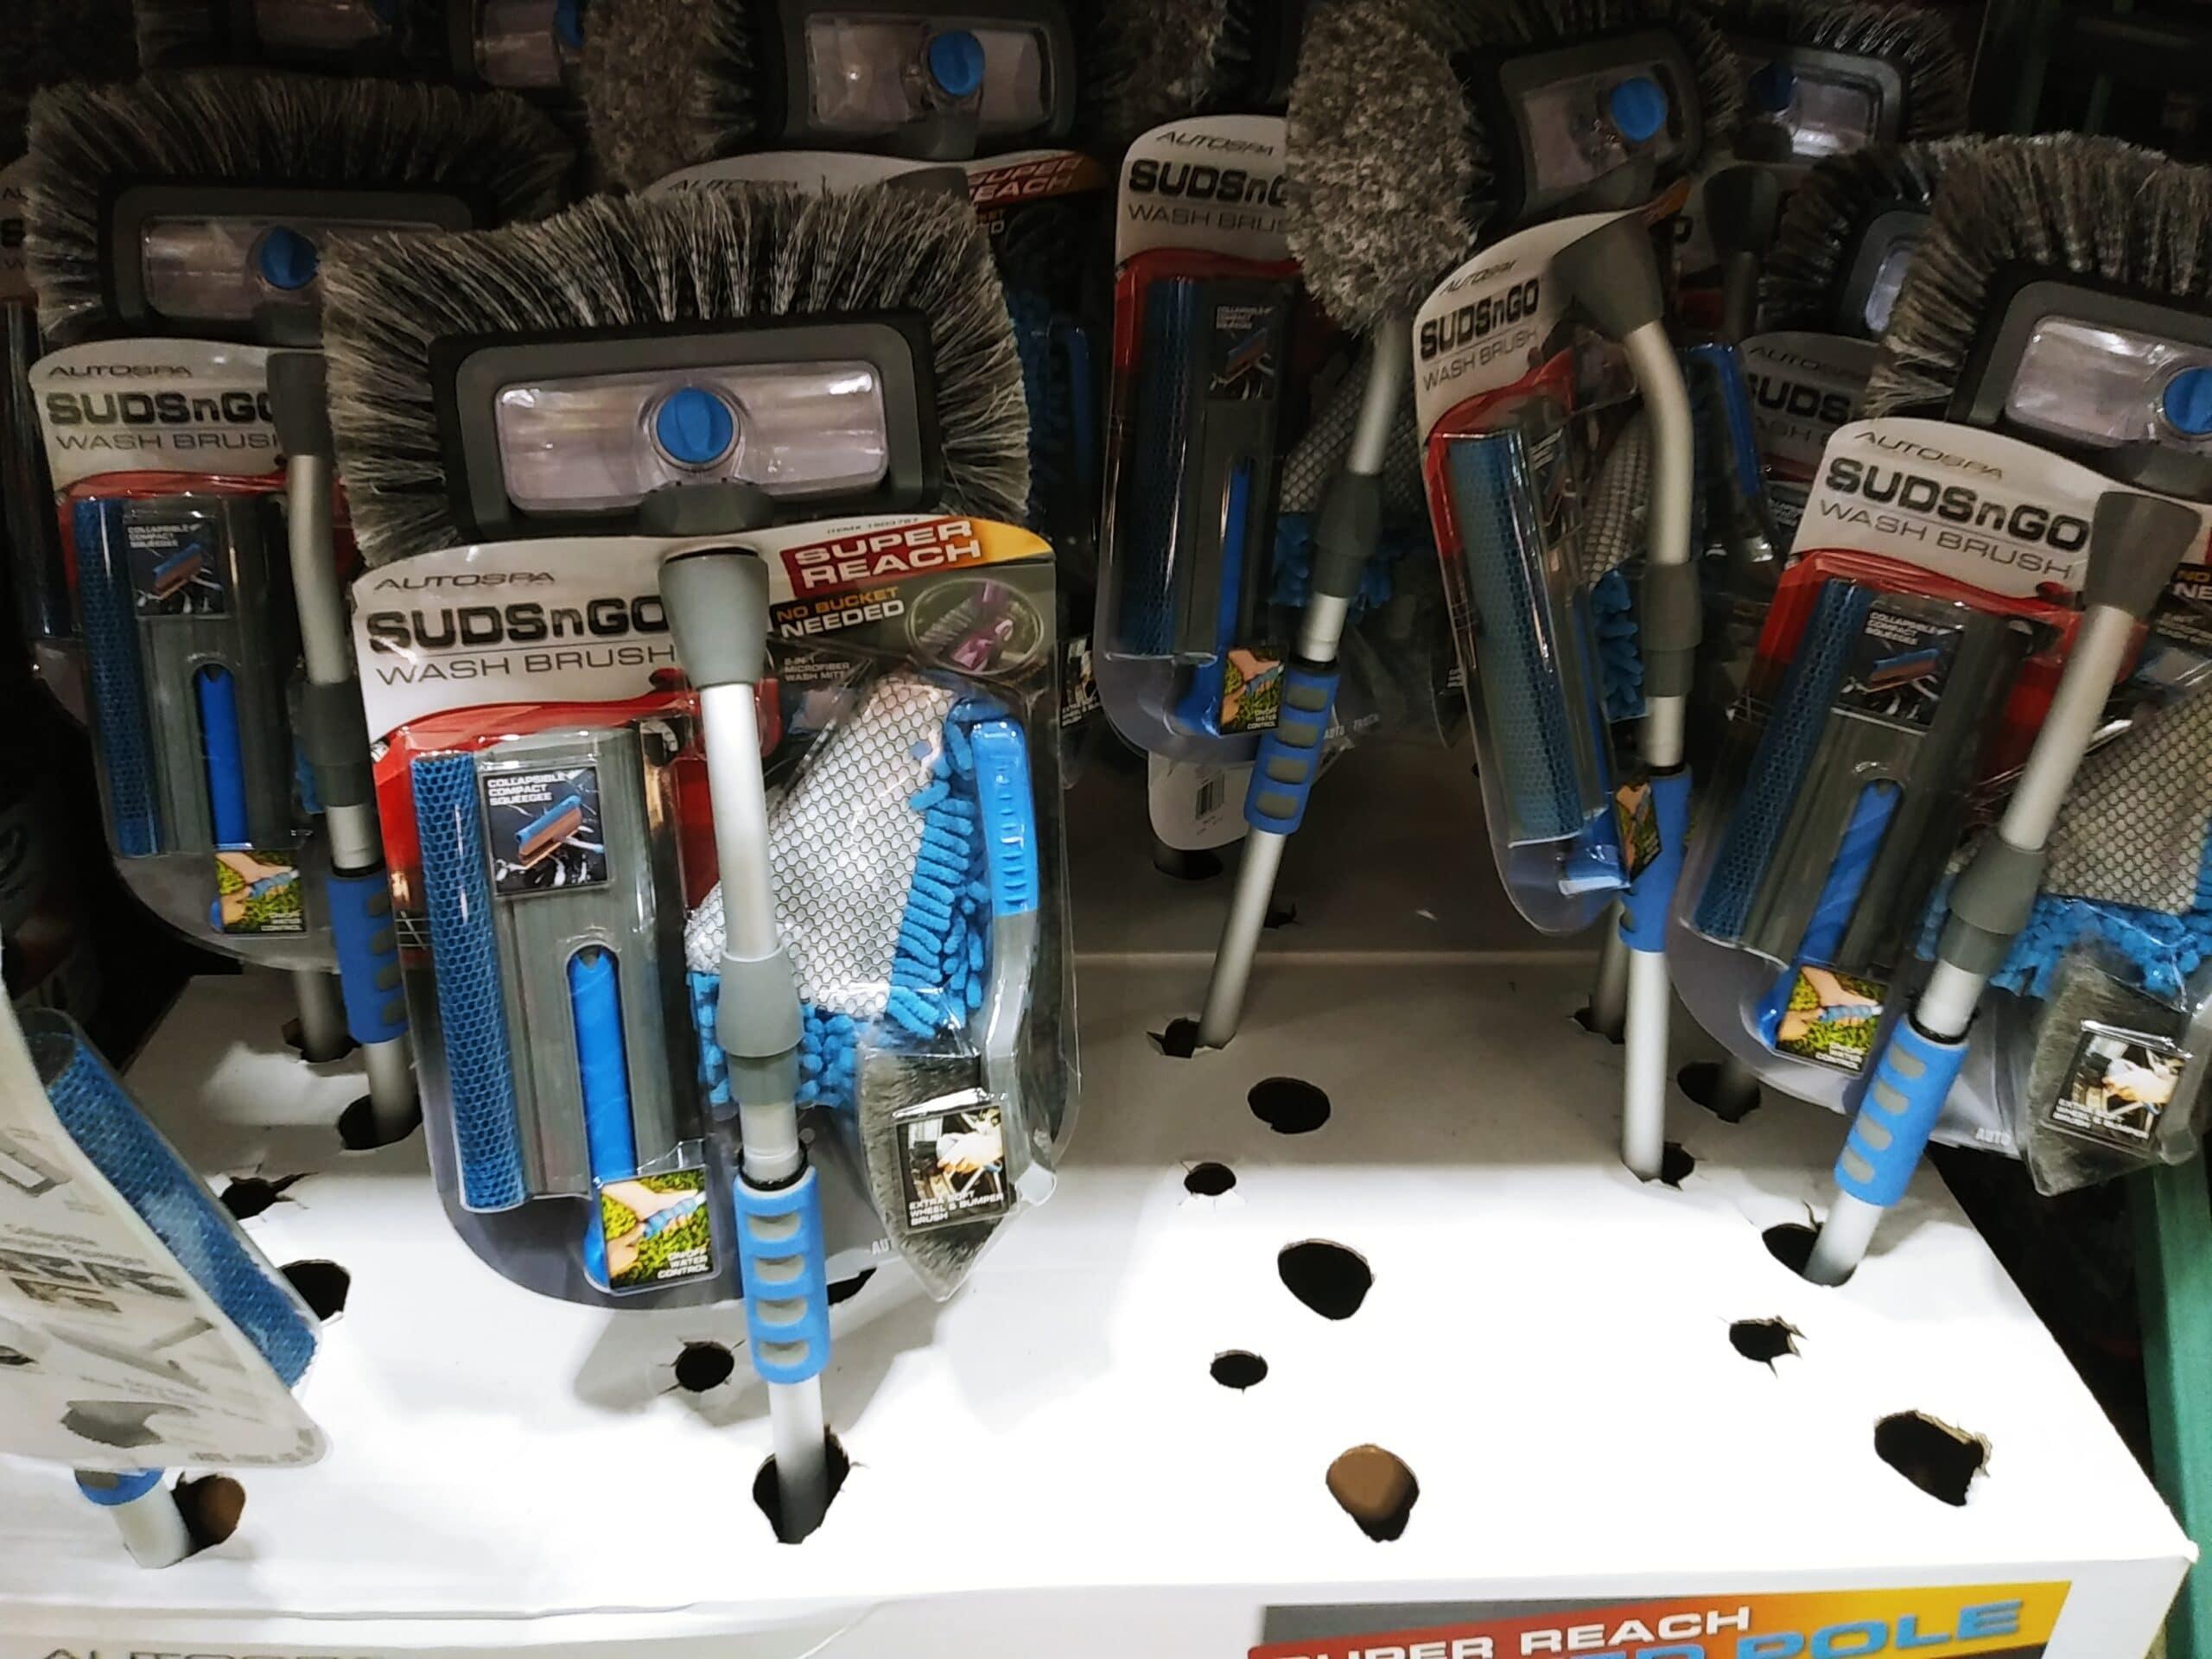 Suds n Go Wash Brush Kit $24.99